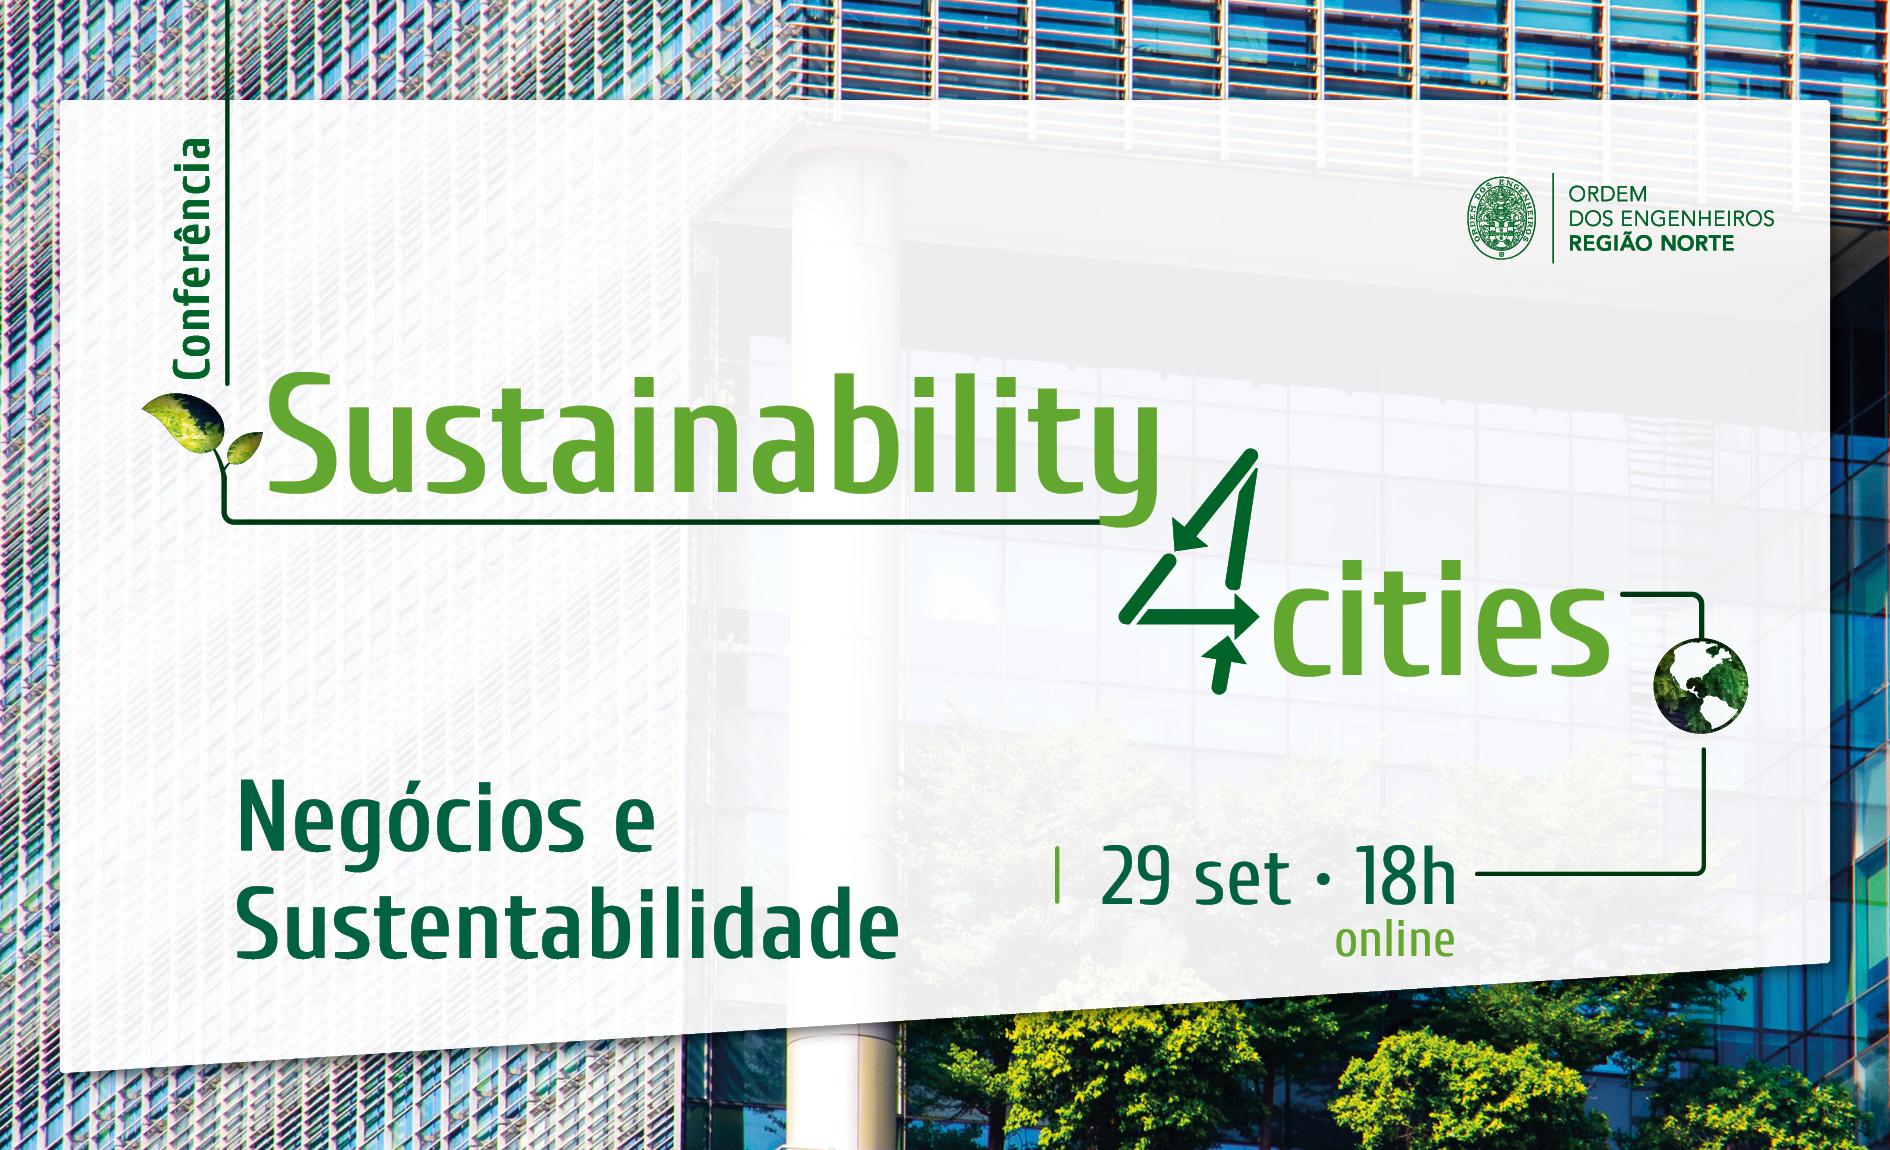 Plataforma Notícias Ordem Engenheiros Região Norte - [Sustainability4cities] Negócios e Sustentabilidade